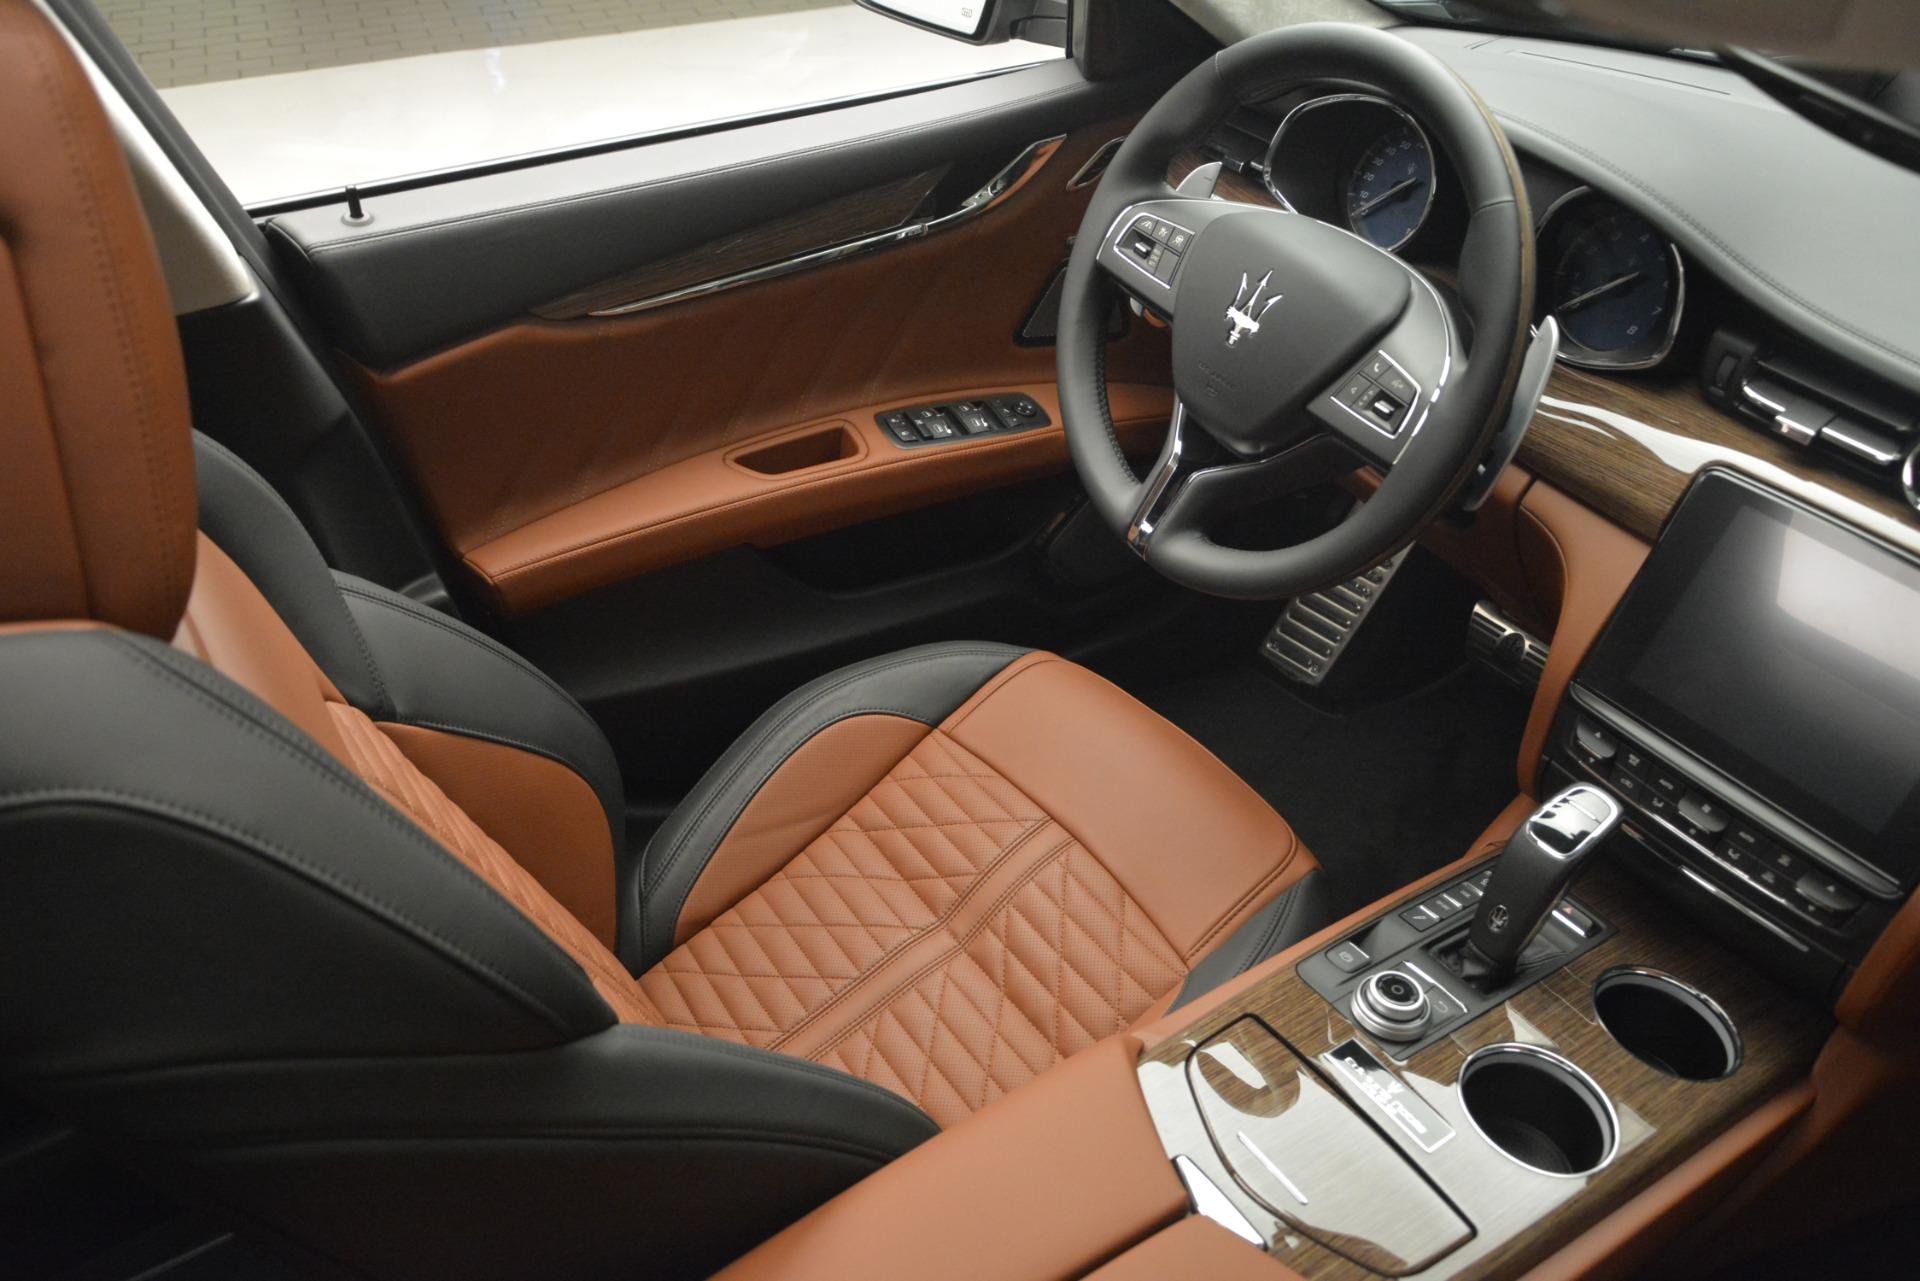 New 2019 Maserati Quattroporte S Q4 GranLusso Edizione Nobile For Sale In Greenwich, CT 2898_p26